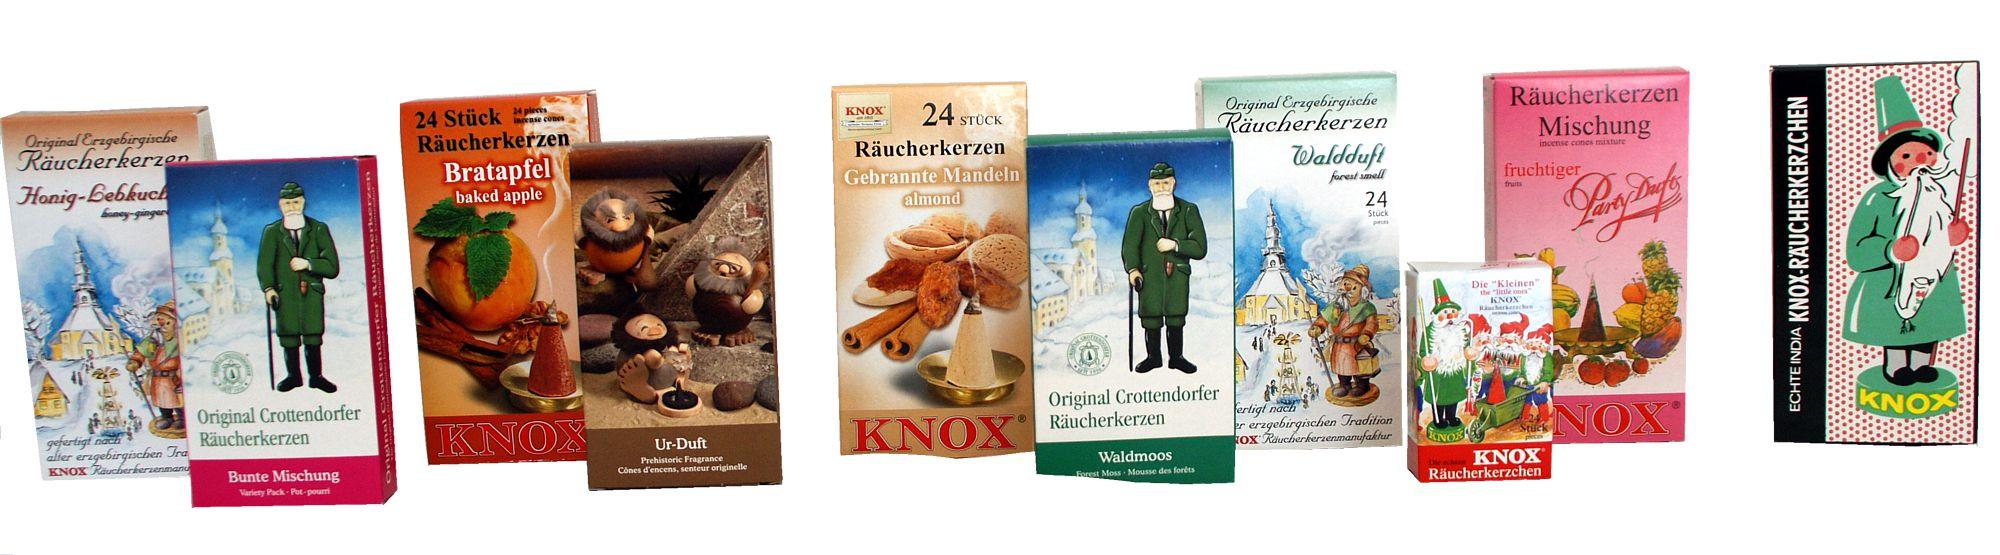 Räucherkerzchen aus Crottendorf, Neudorf und von Knox